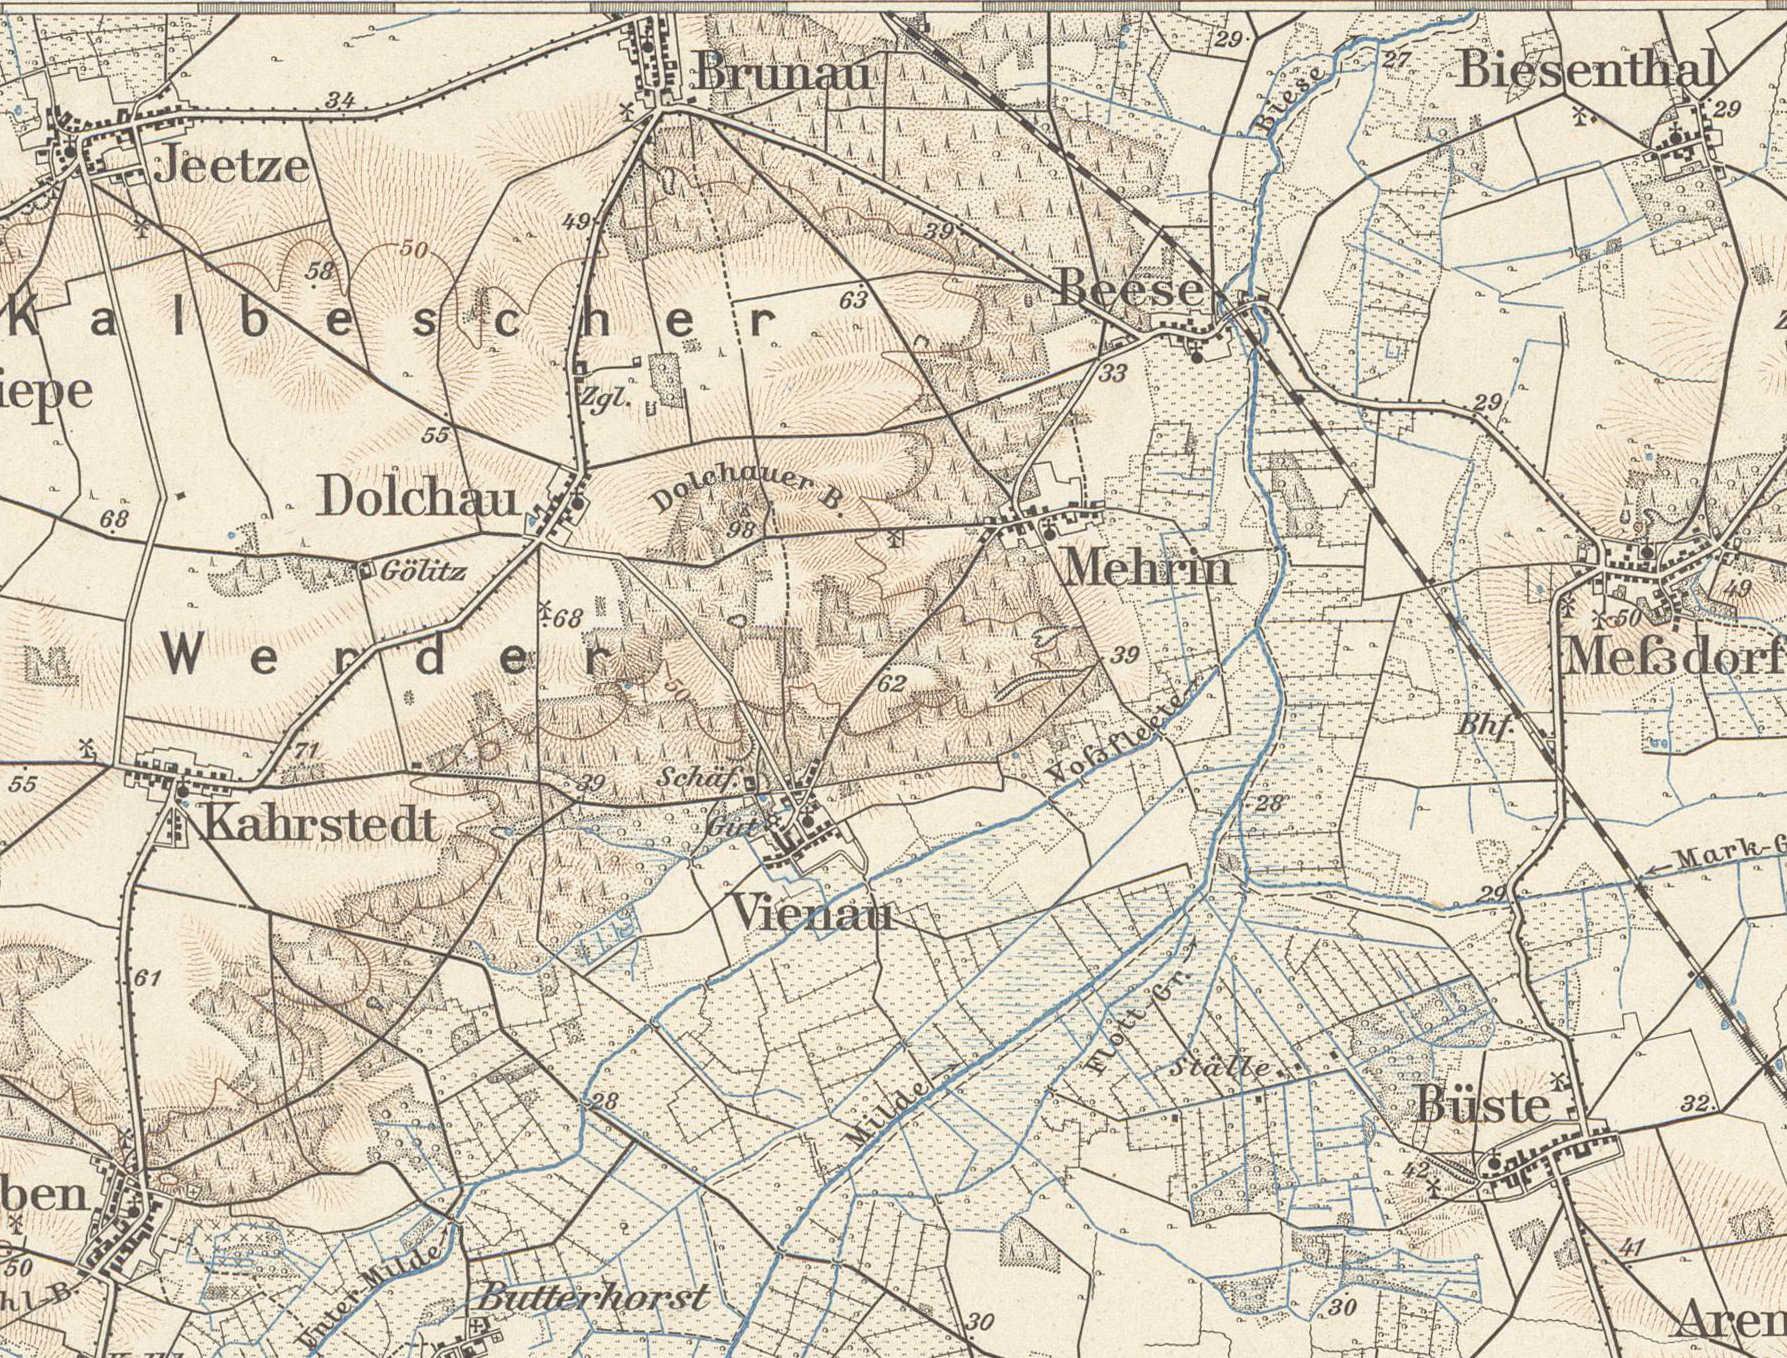 Ab dem Zusammenfluss von Milde und Unterer Milde (Voßfleete) trägt der Fluss den Namen Biese (Meßtischblatt 1753: Kalbe a.d. Milde; Sächsische Landes-, Staats- und Universitätsbibliothek Dresden/Deutsche Fotothek